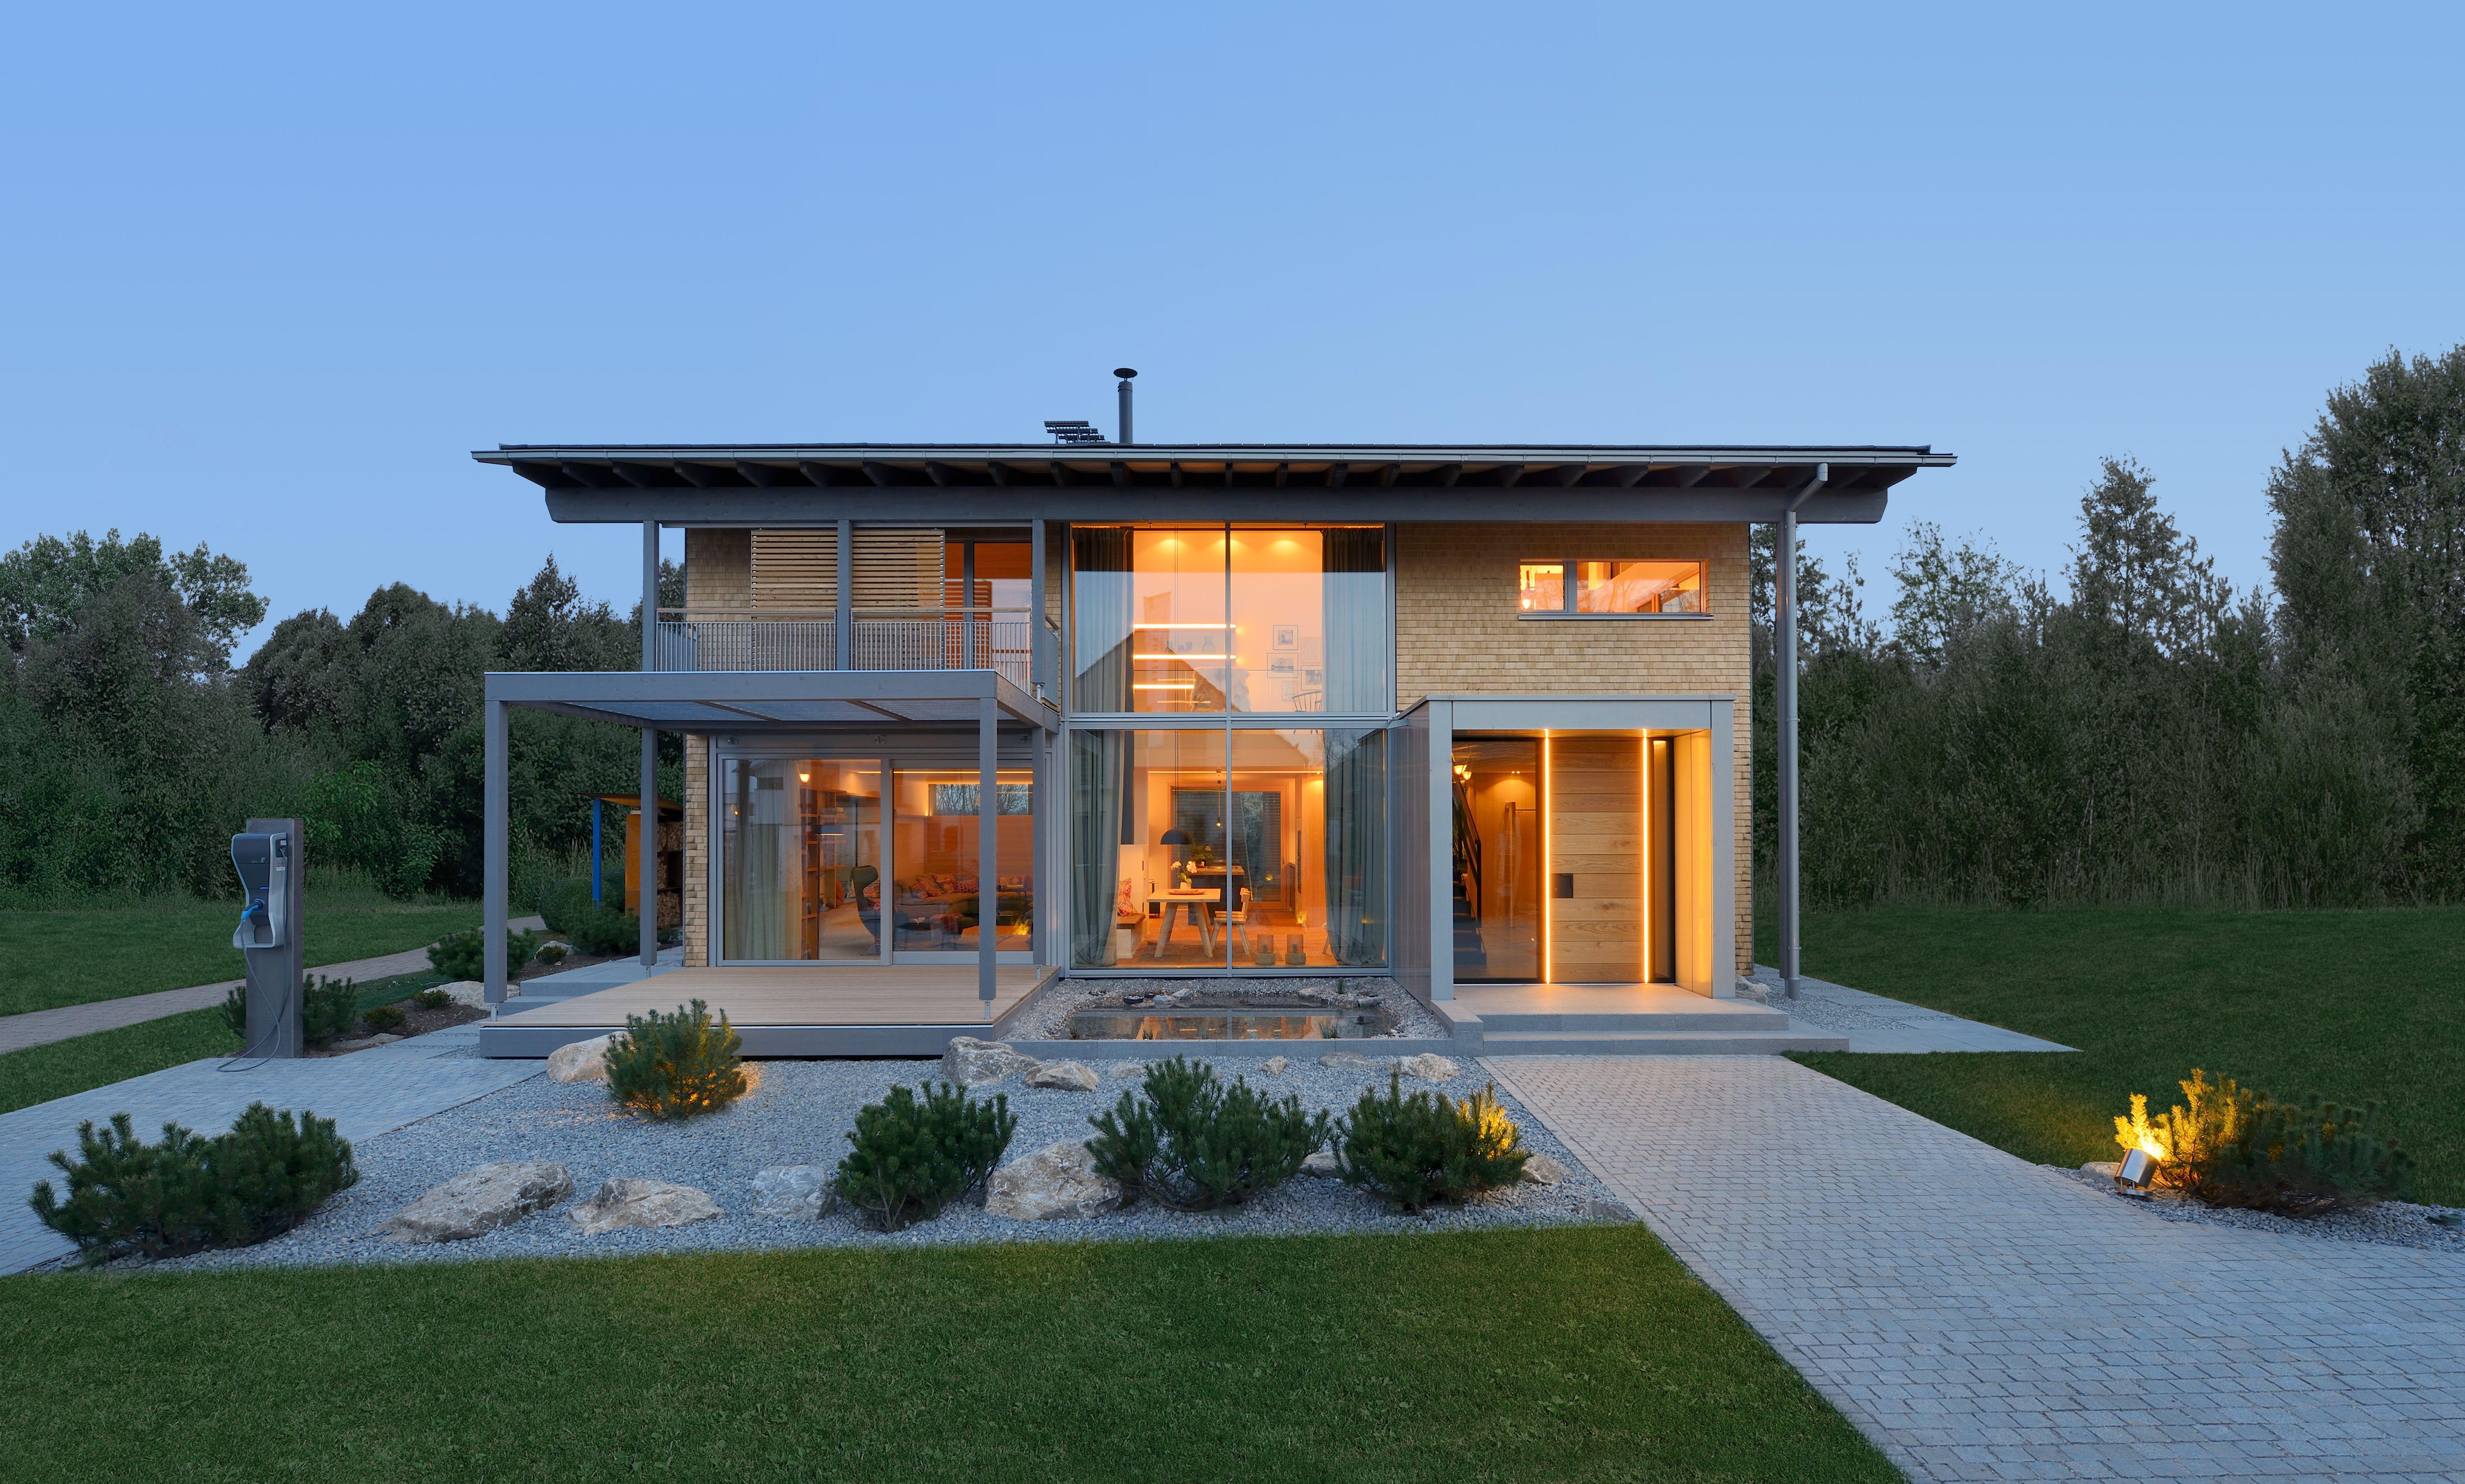 Du w rdest einen heustadl zum wohnhaus umbauen findest for Modernes haus raumaufteilung